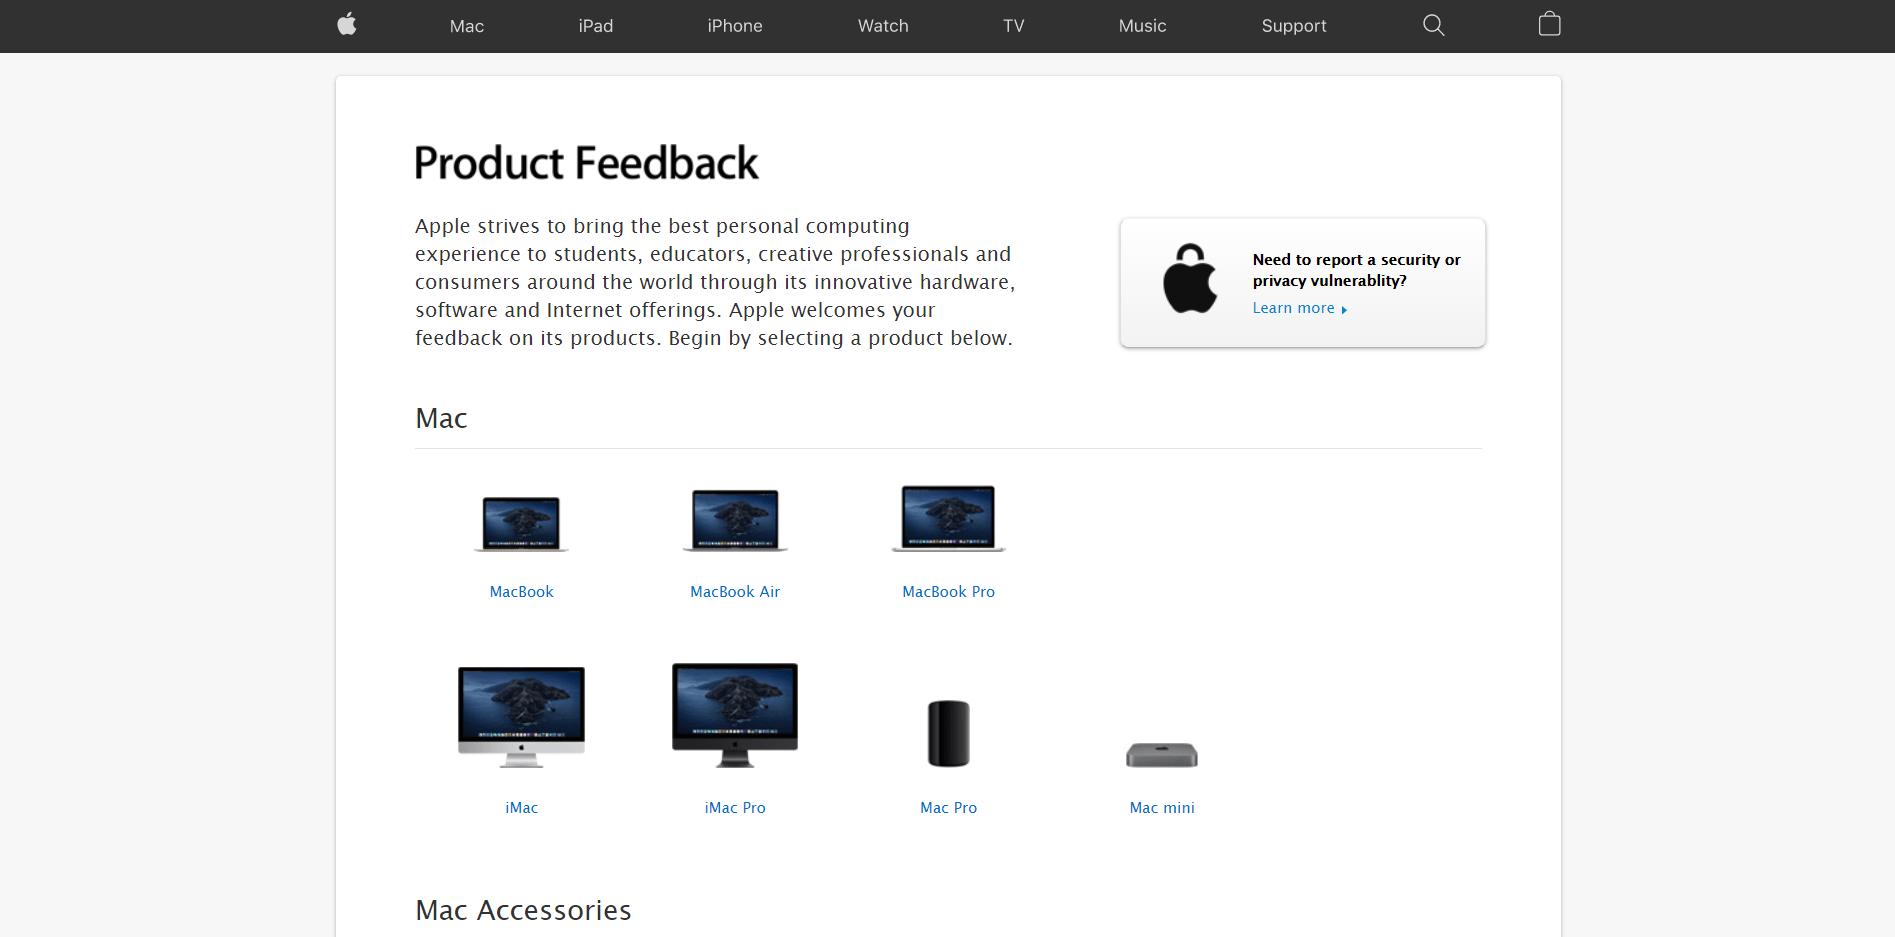 Apple Product Feedback